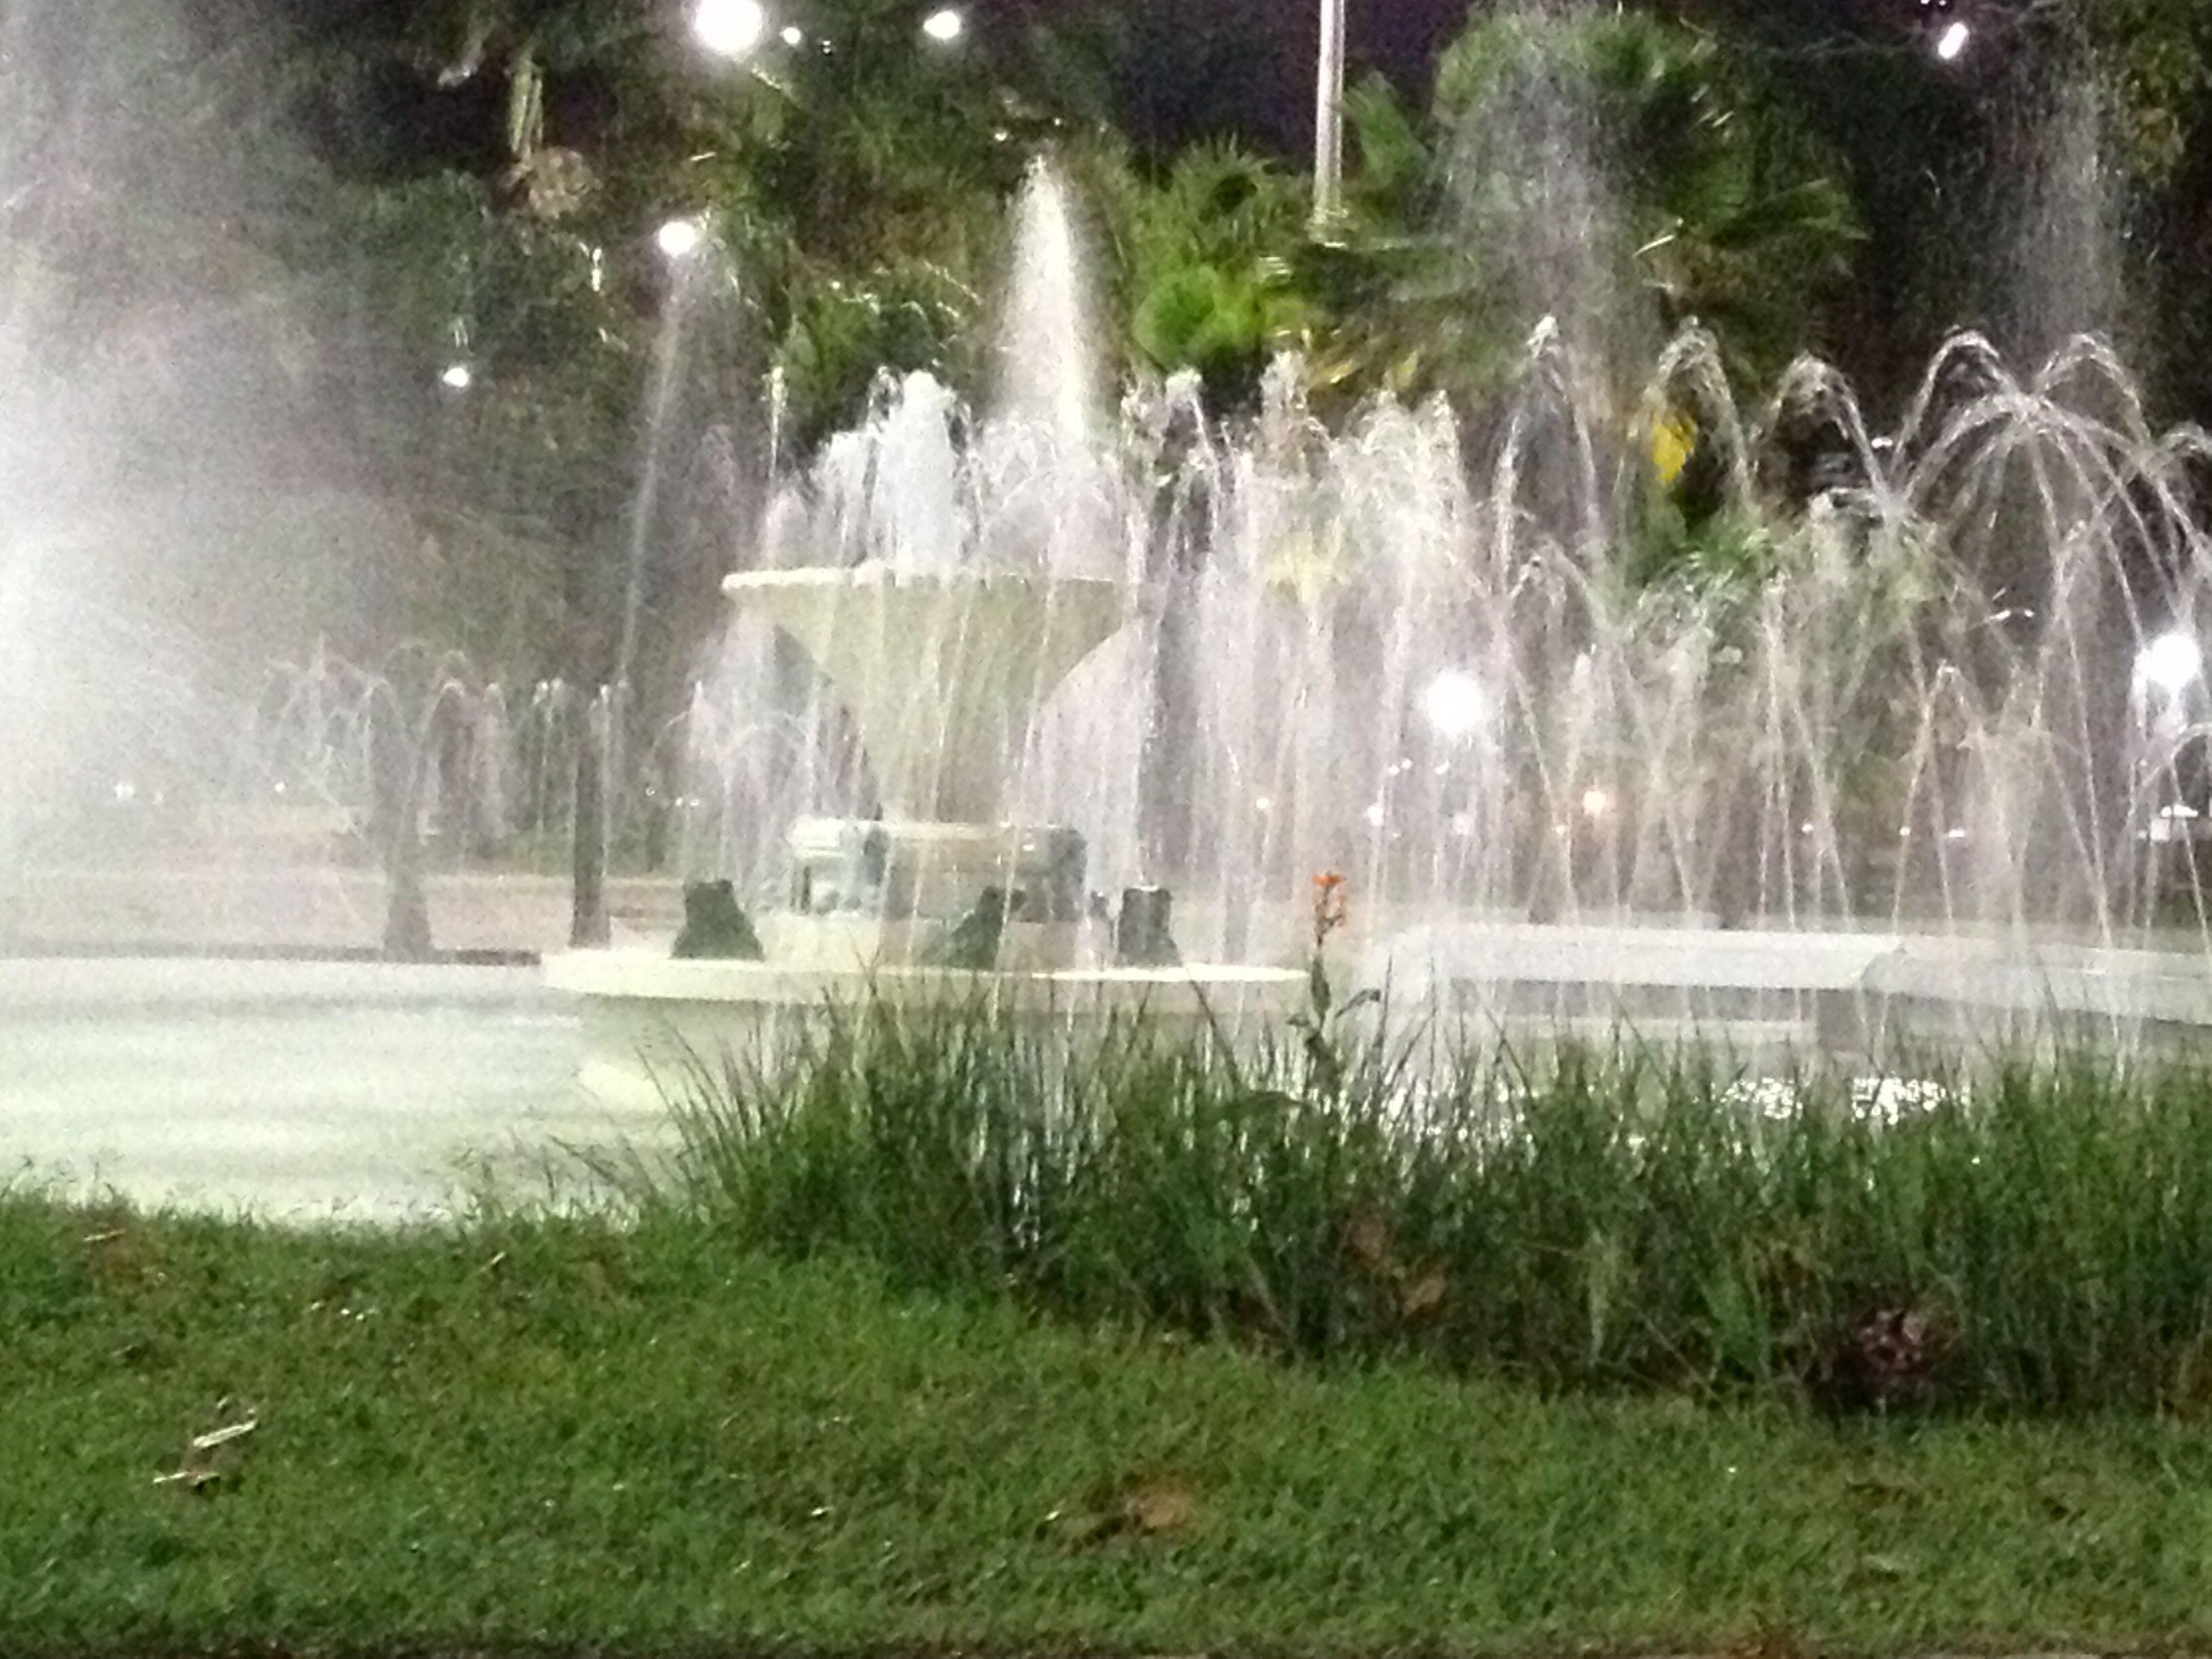 Praça do sapo